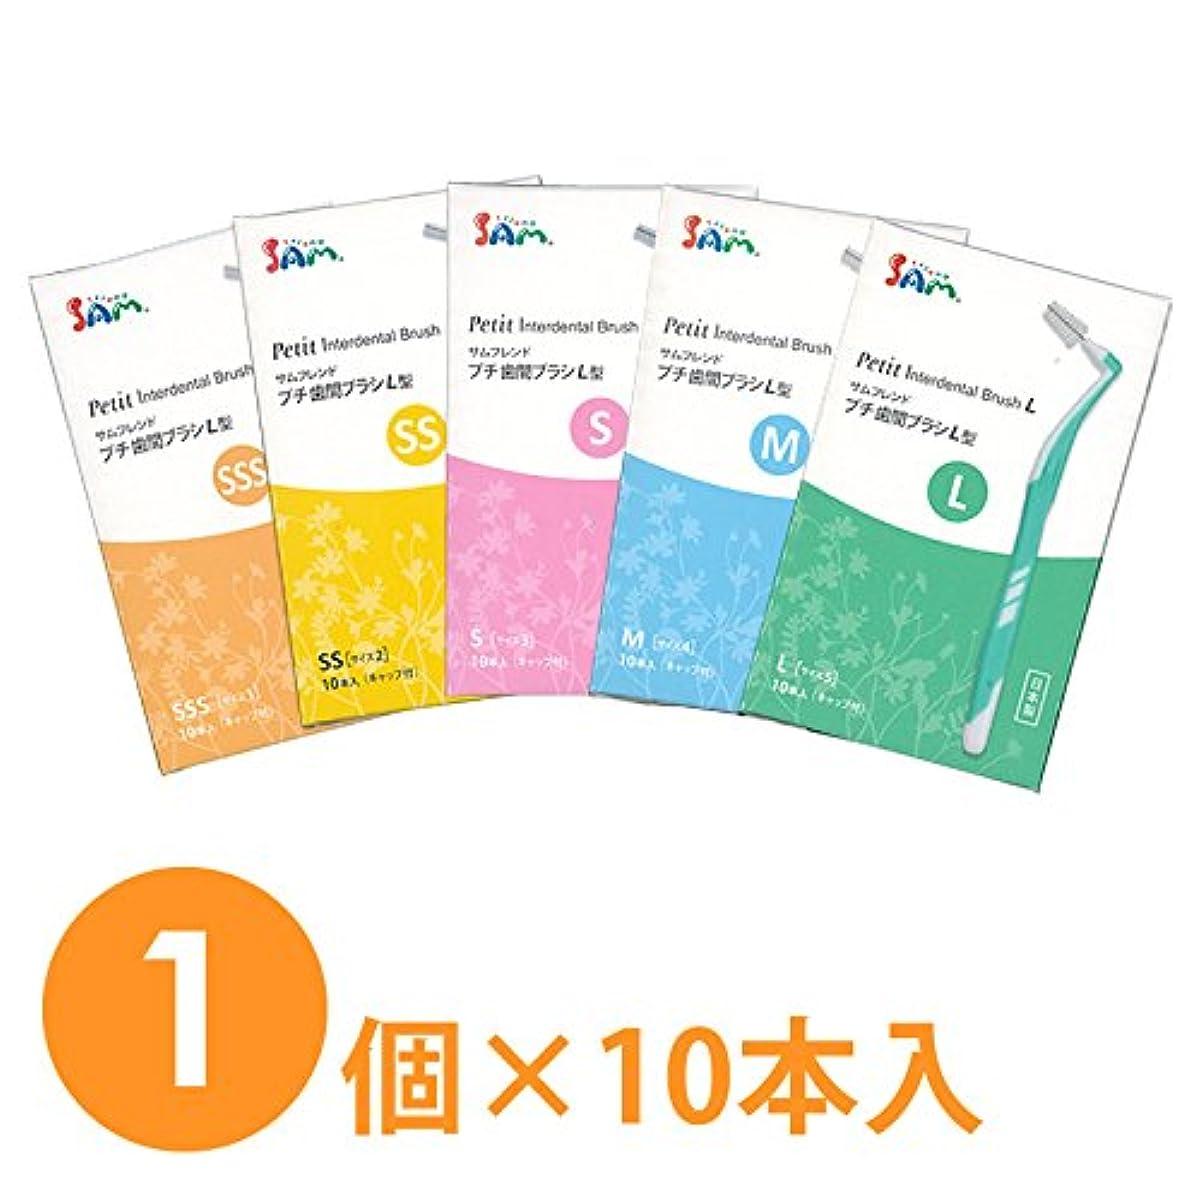 ロッカーシーサイド勧告【1個】サンデンタル サムフレンド プチ歯間ブラシL型 10本入り (S(3)ピンク)